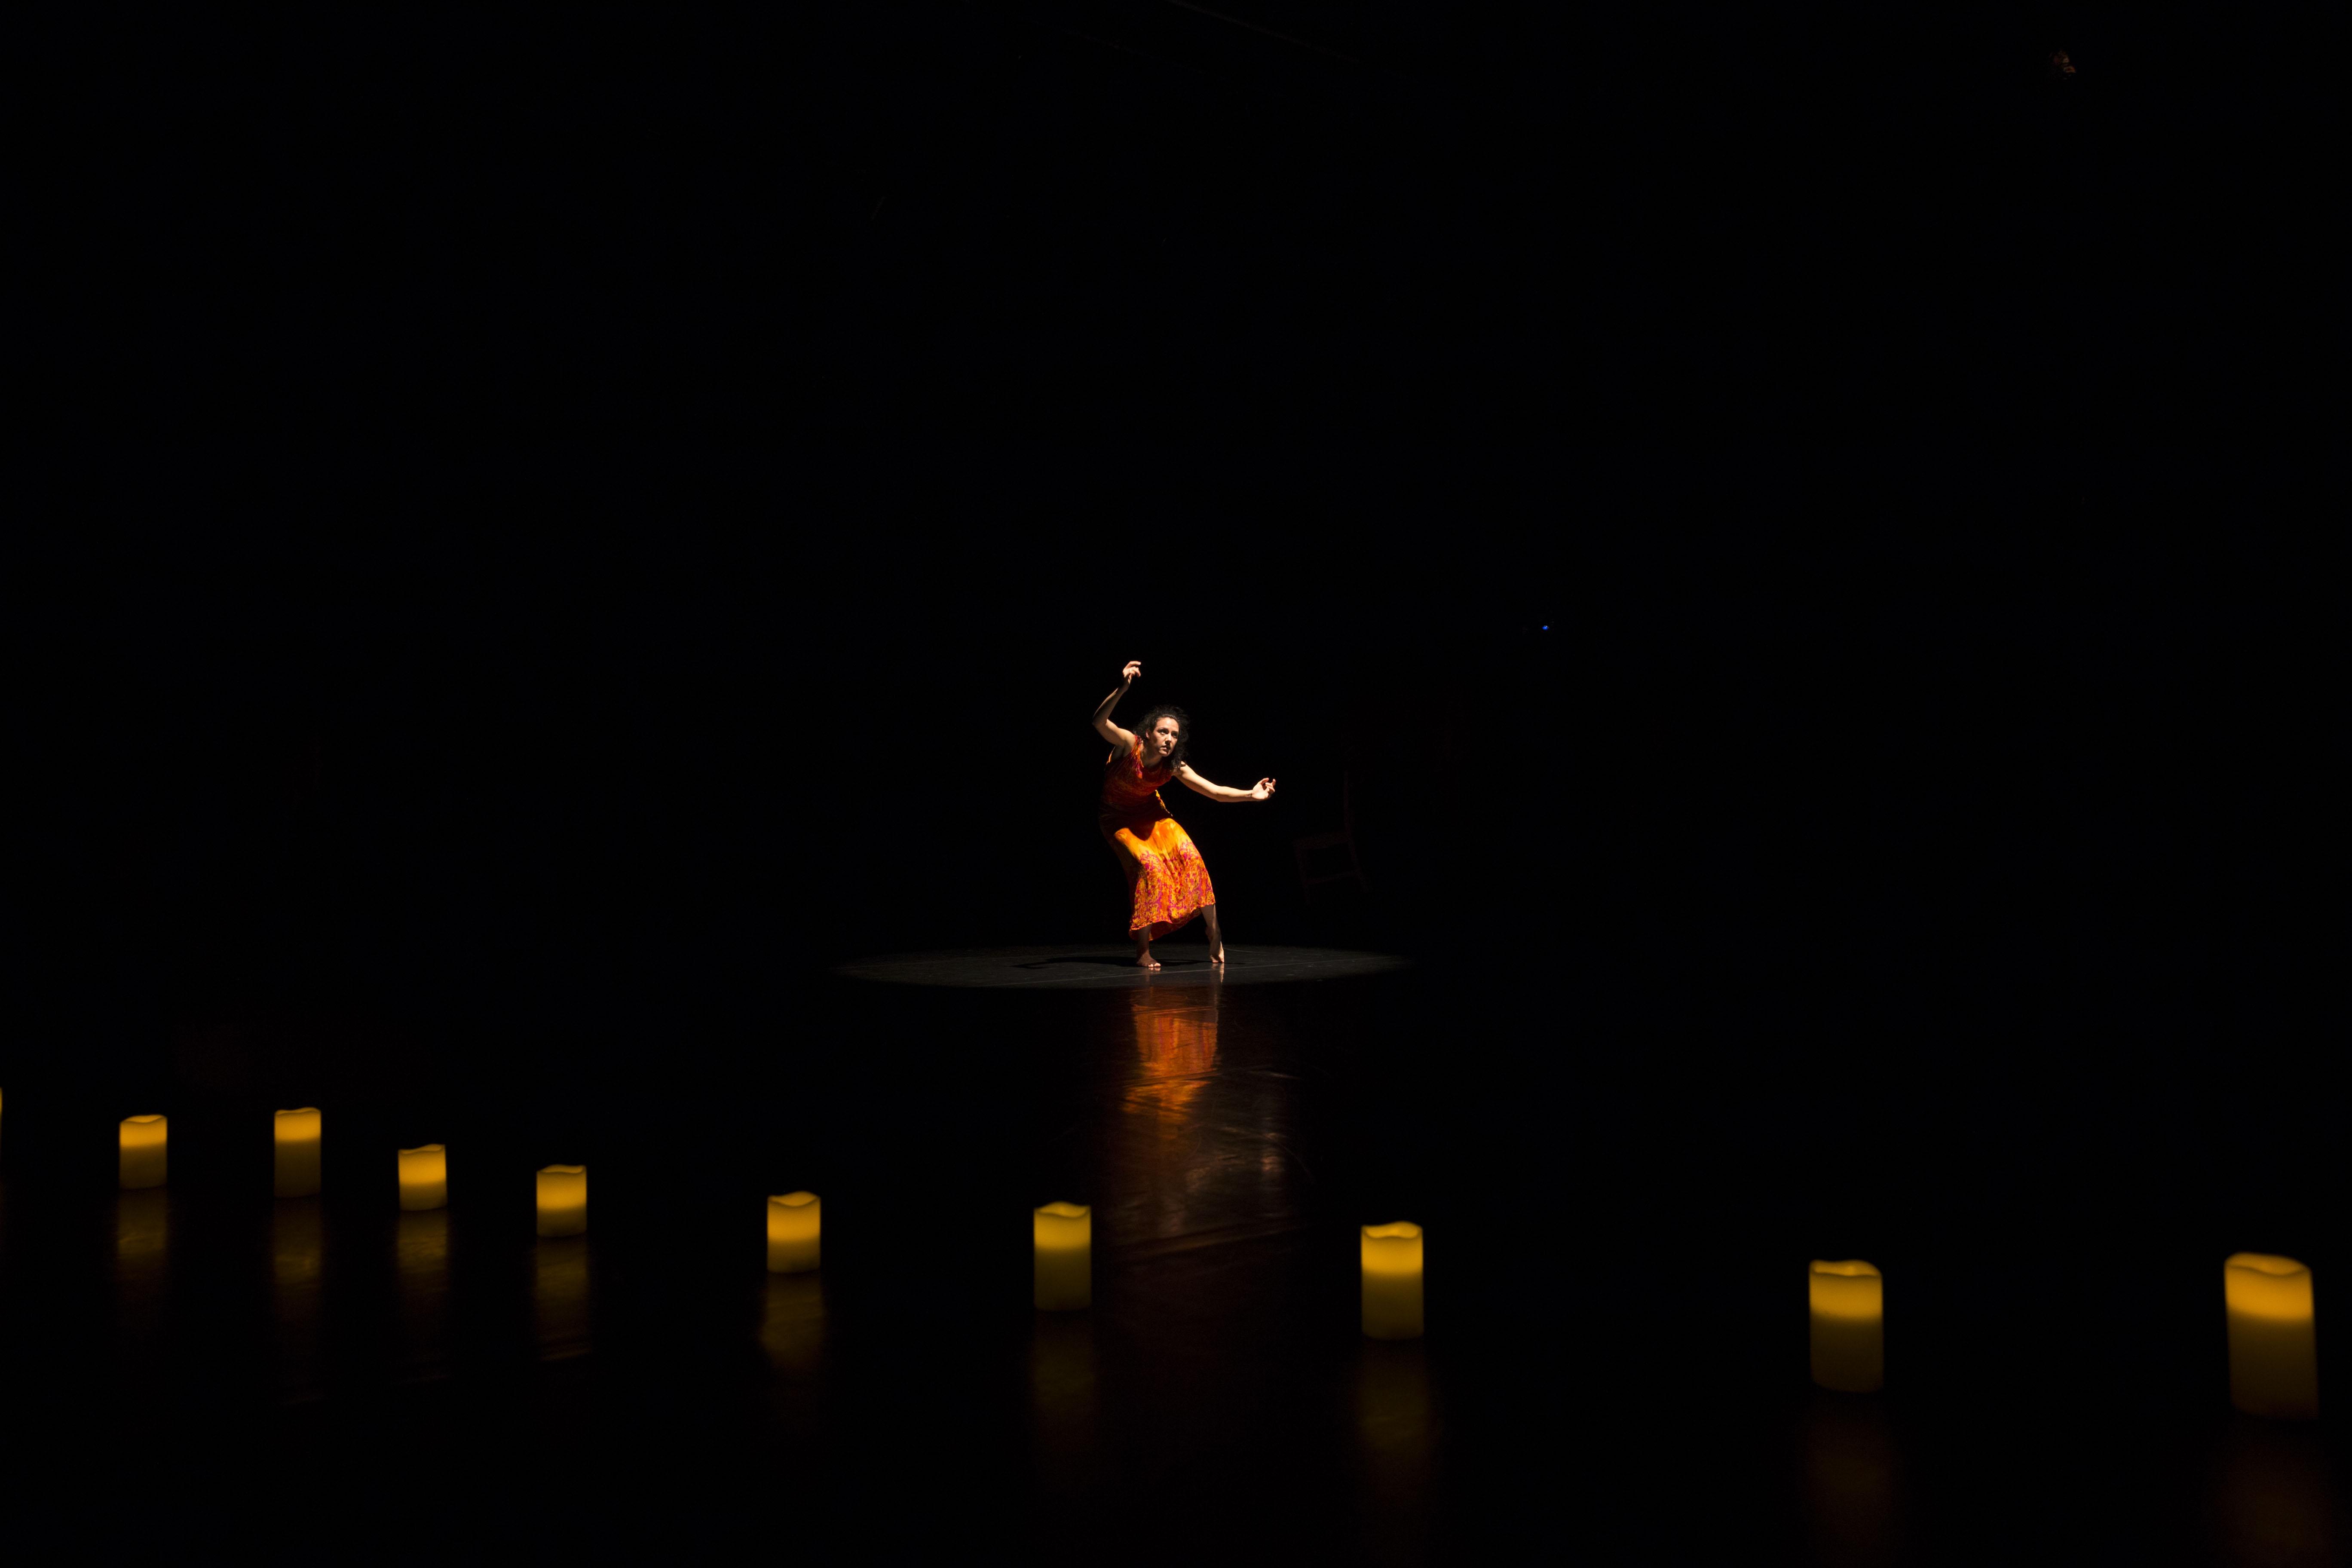 SPEKTAKEL, photography by Rodrigo Cardoso (www.obarodrigo